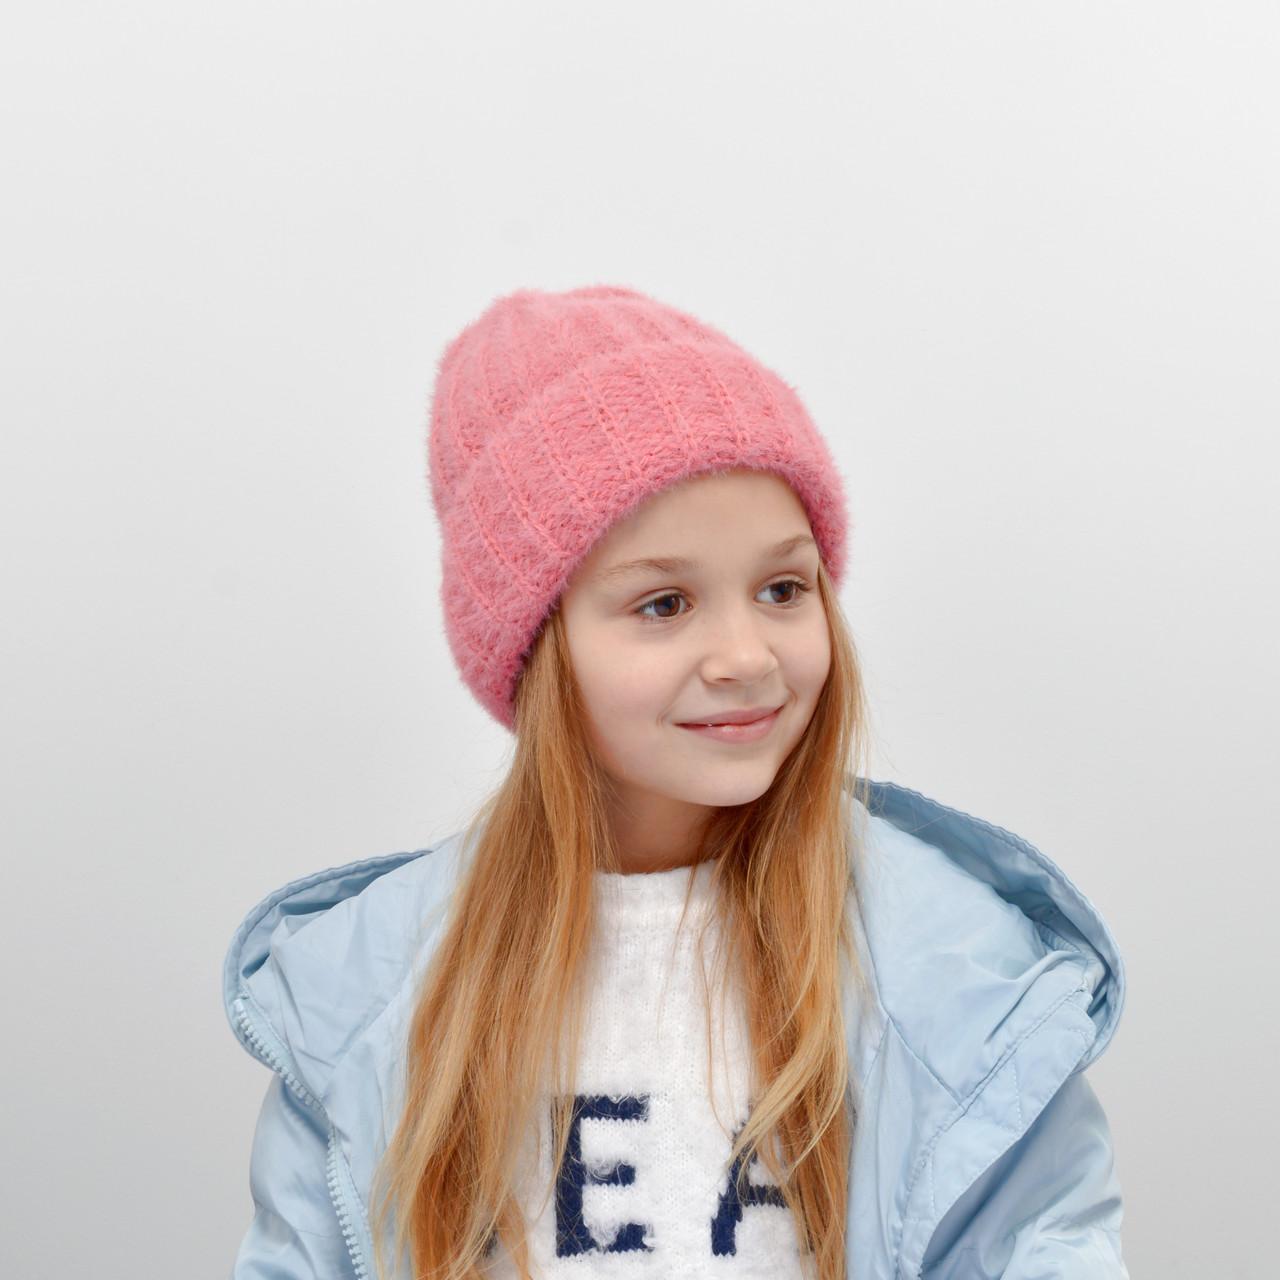 Дитяча шапка NordNeo 3432 темний рожевий